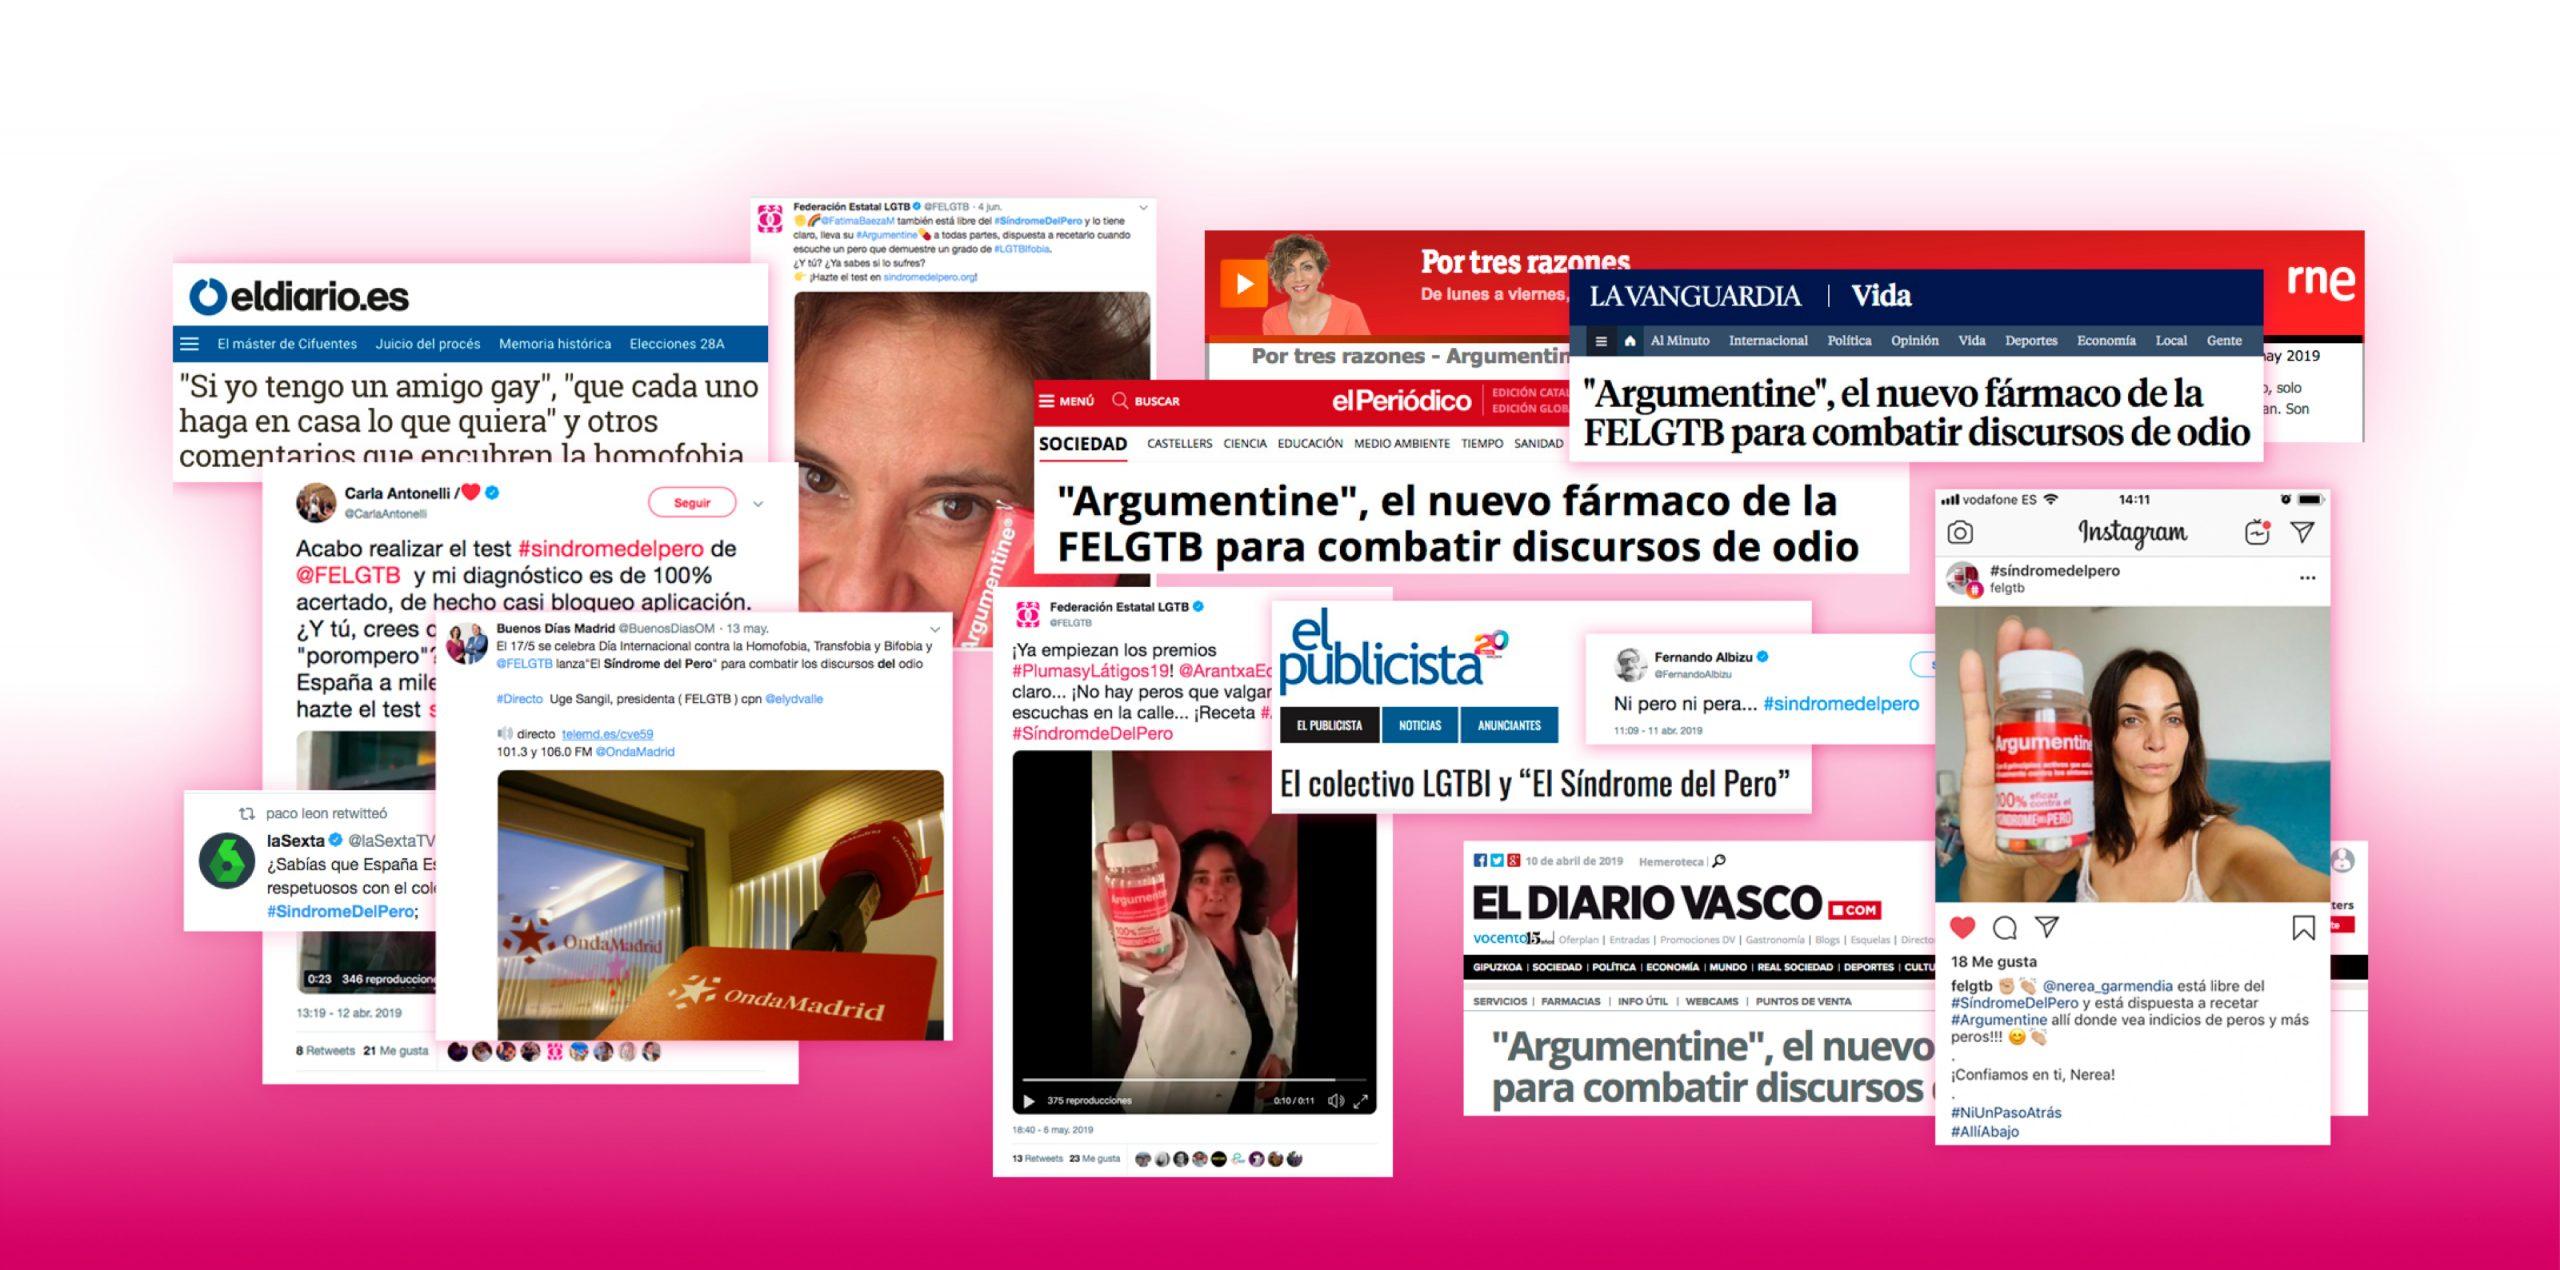 mosaico-publicaciones-prensa-sindrome-del-pero-matchpoint-scaled